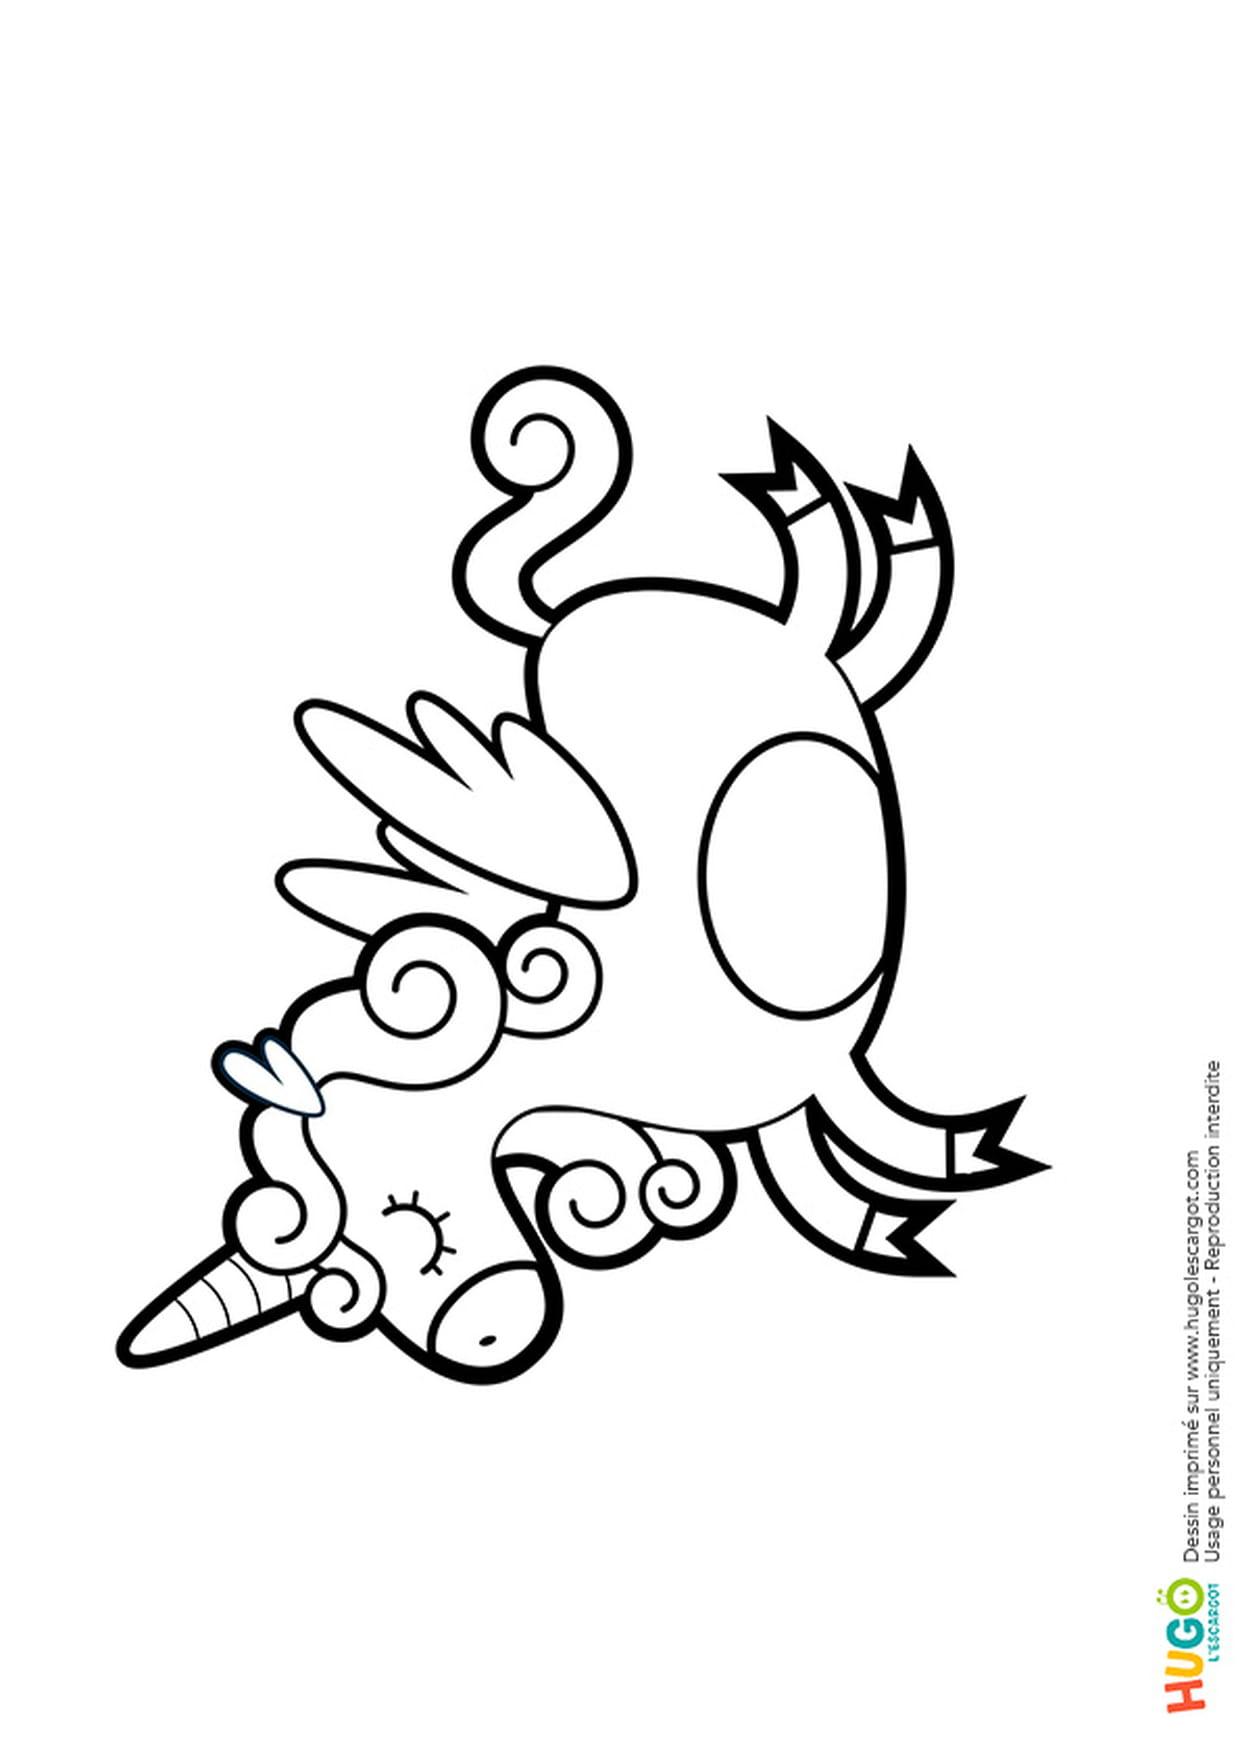 Coloriage Licorne Kawaii En Ligne Gratuit À Imprimer concernant Jeux De Coloriage Licorne